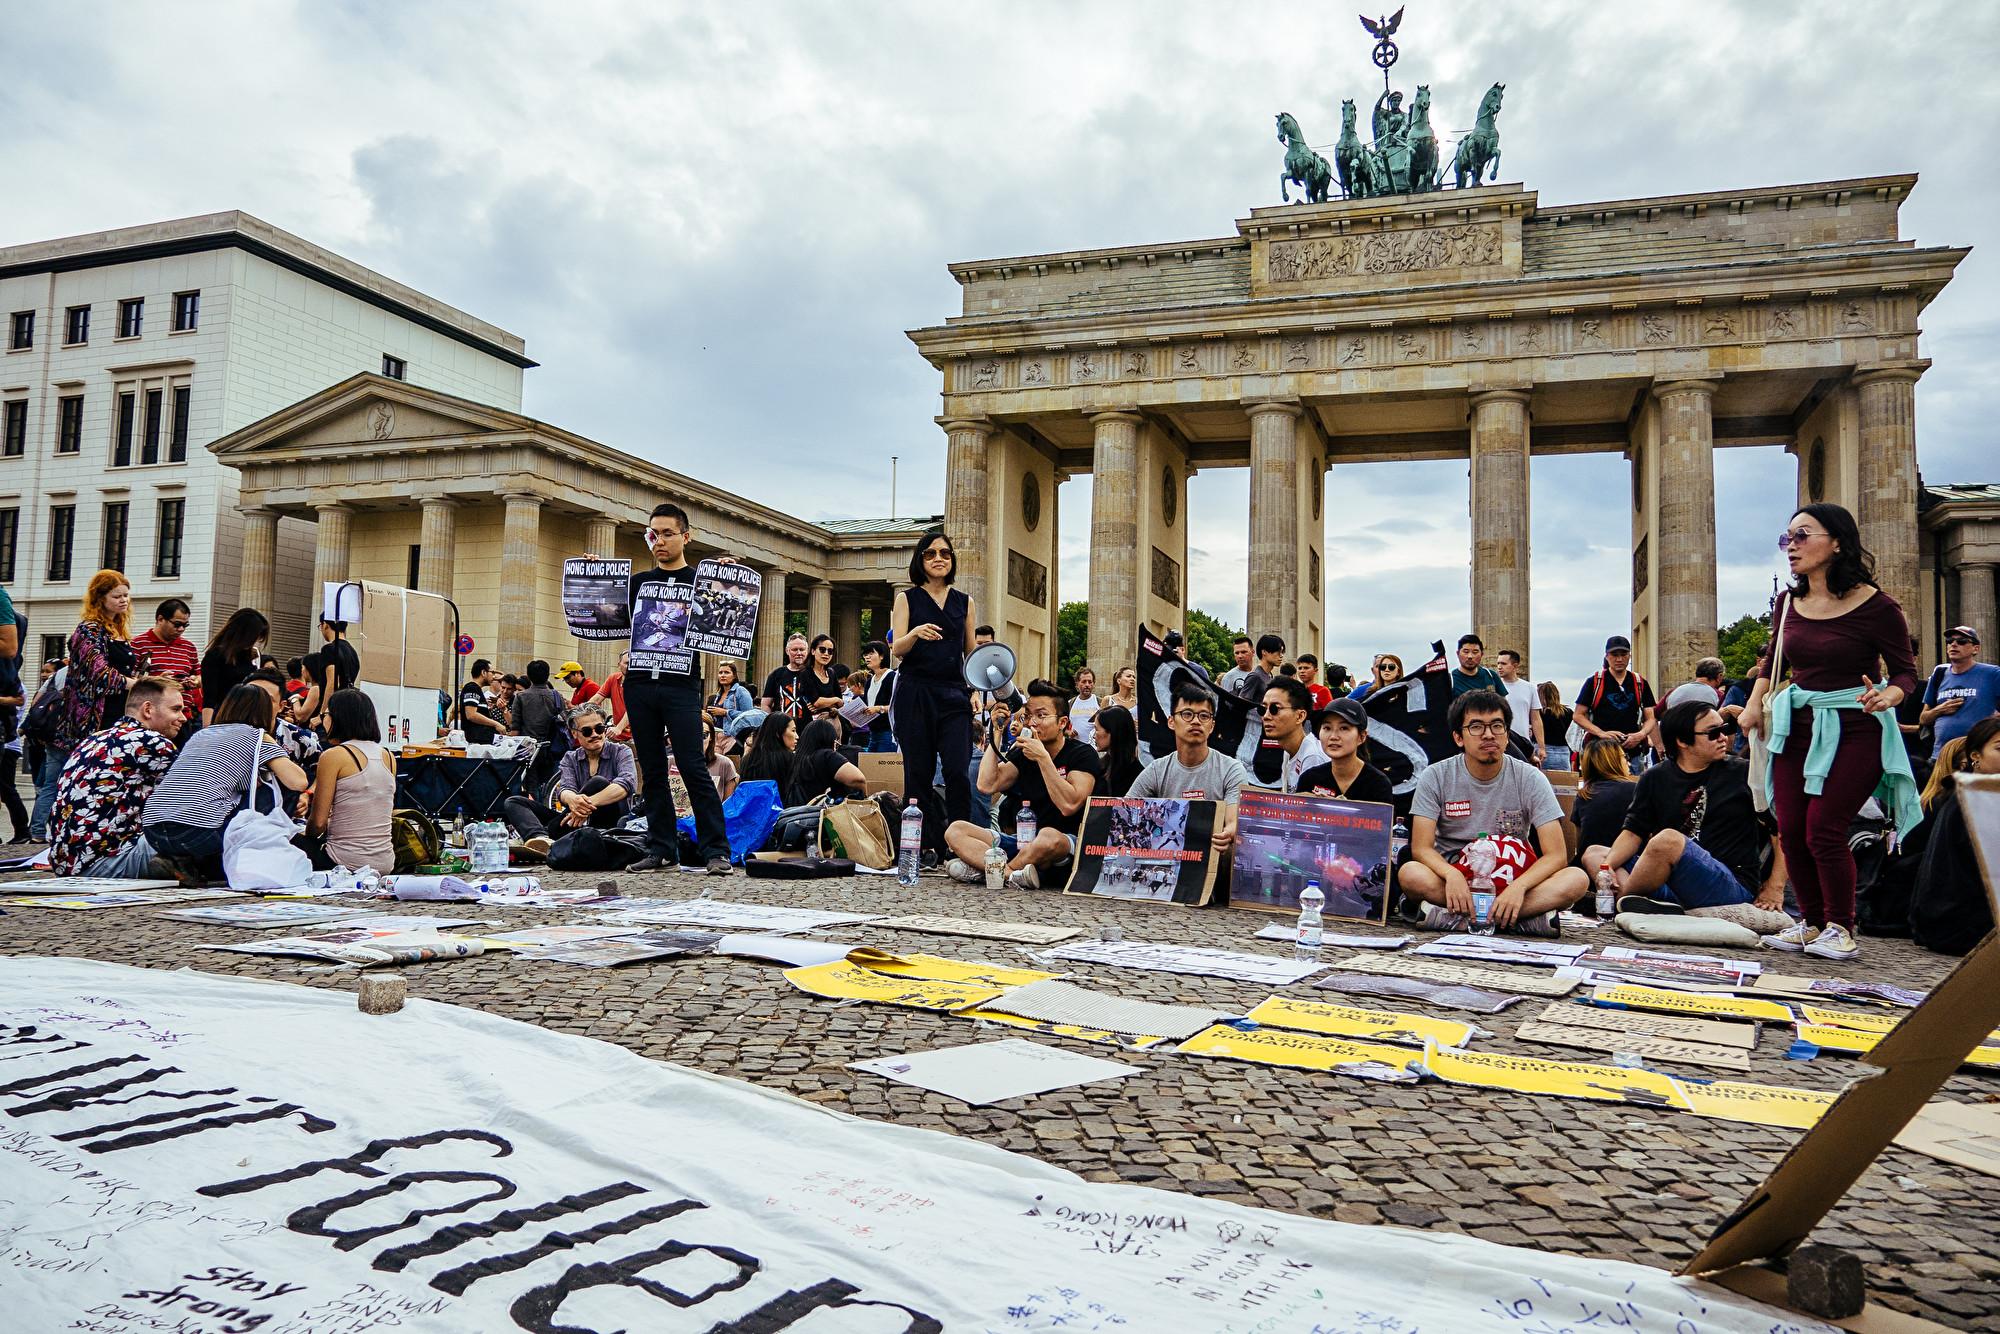 組圖:著名景點前 柏林聲援香港反送中活動